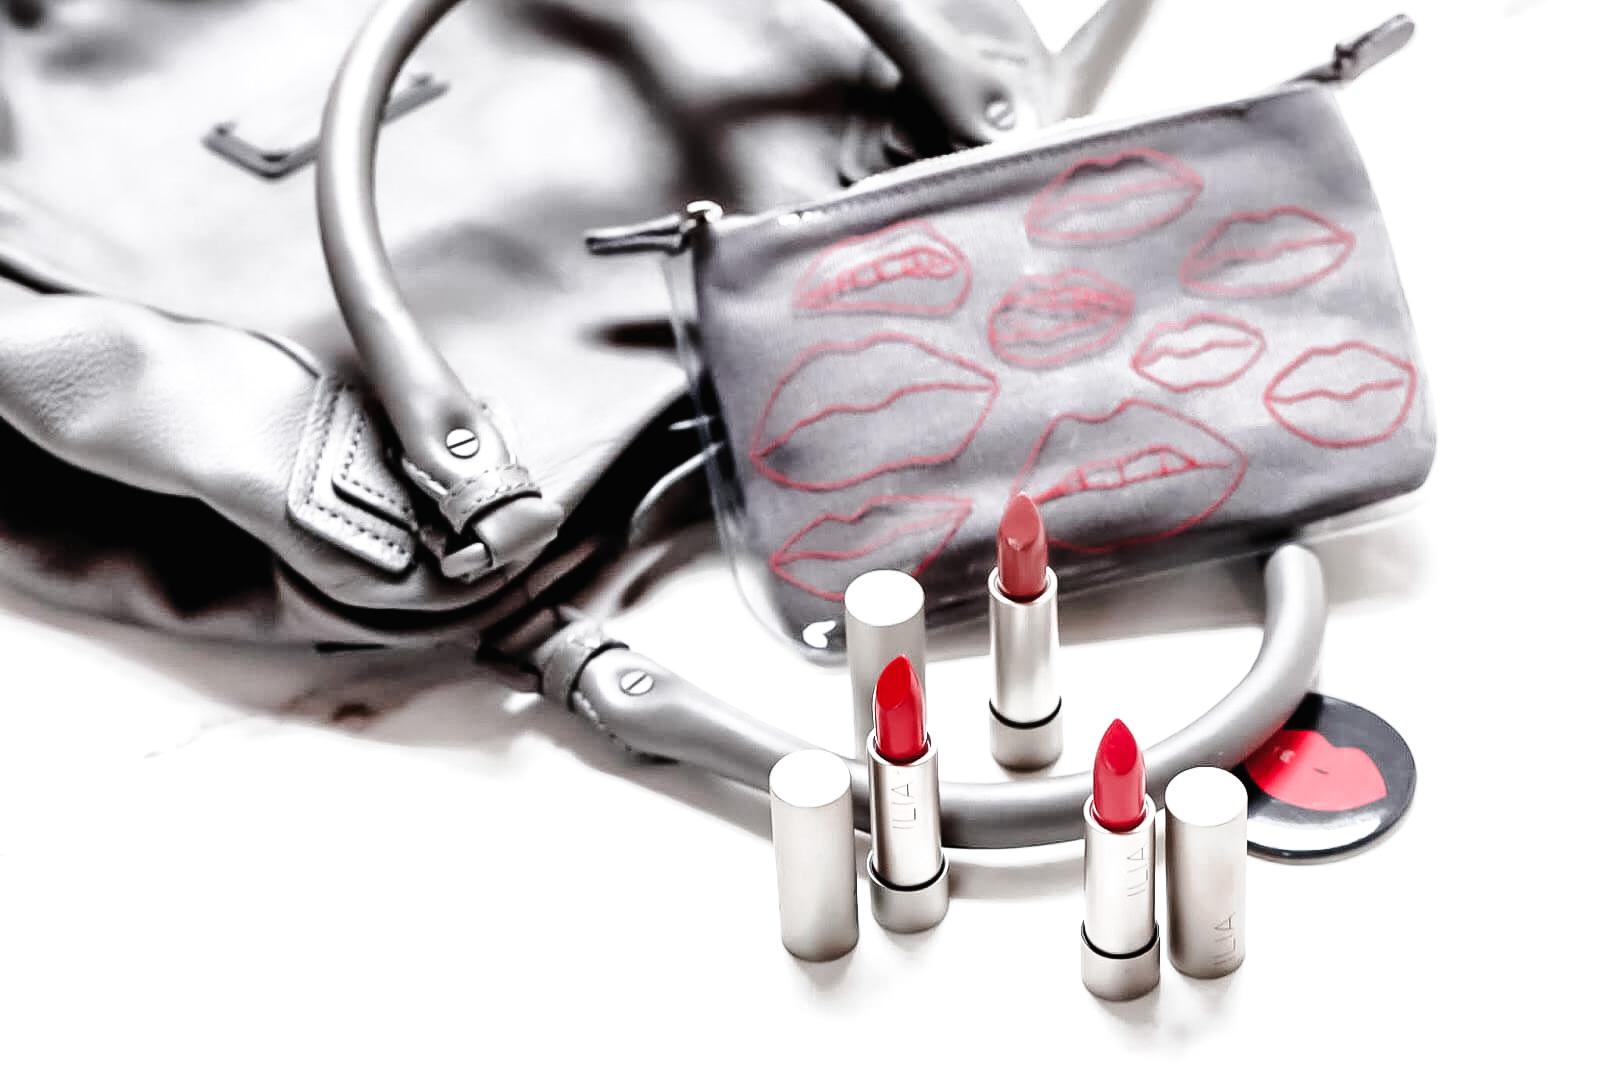 Ilia Color Block Rouge A Lèvres Avis